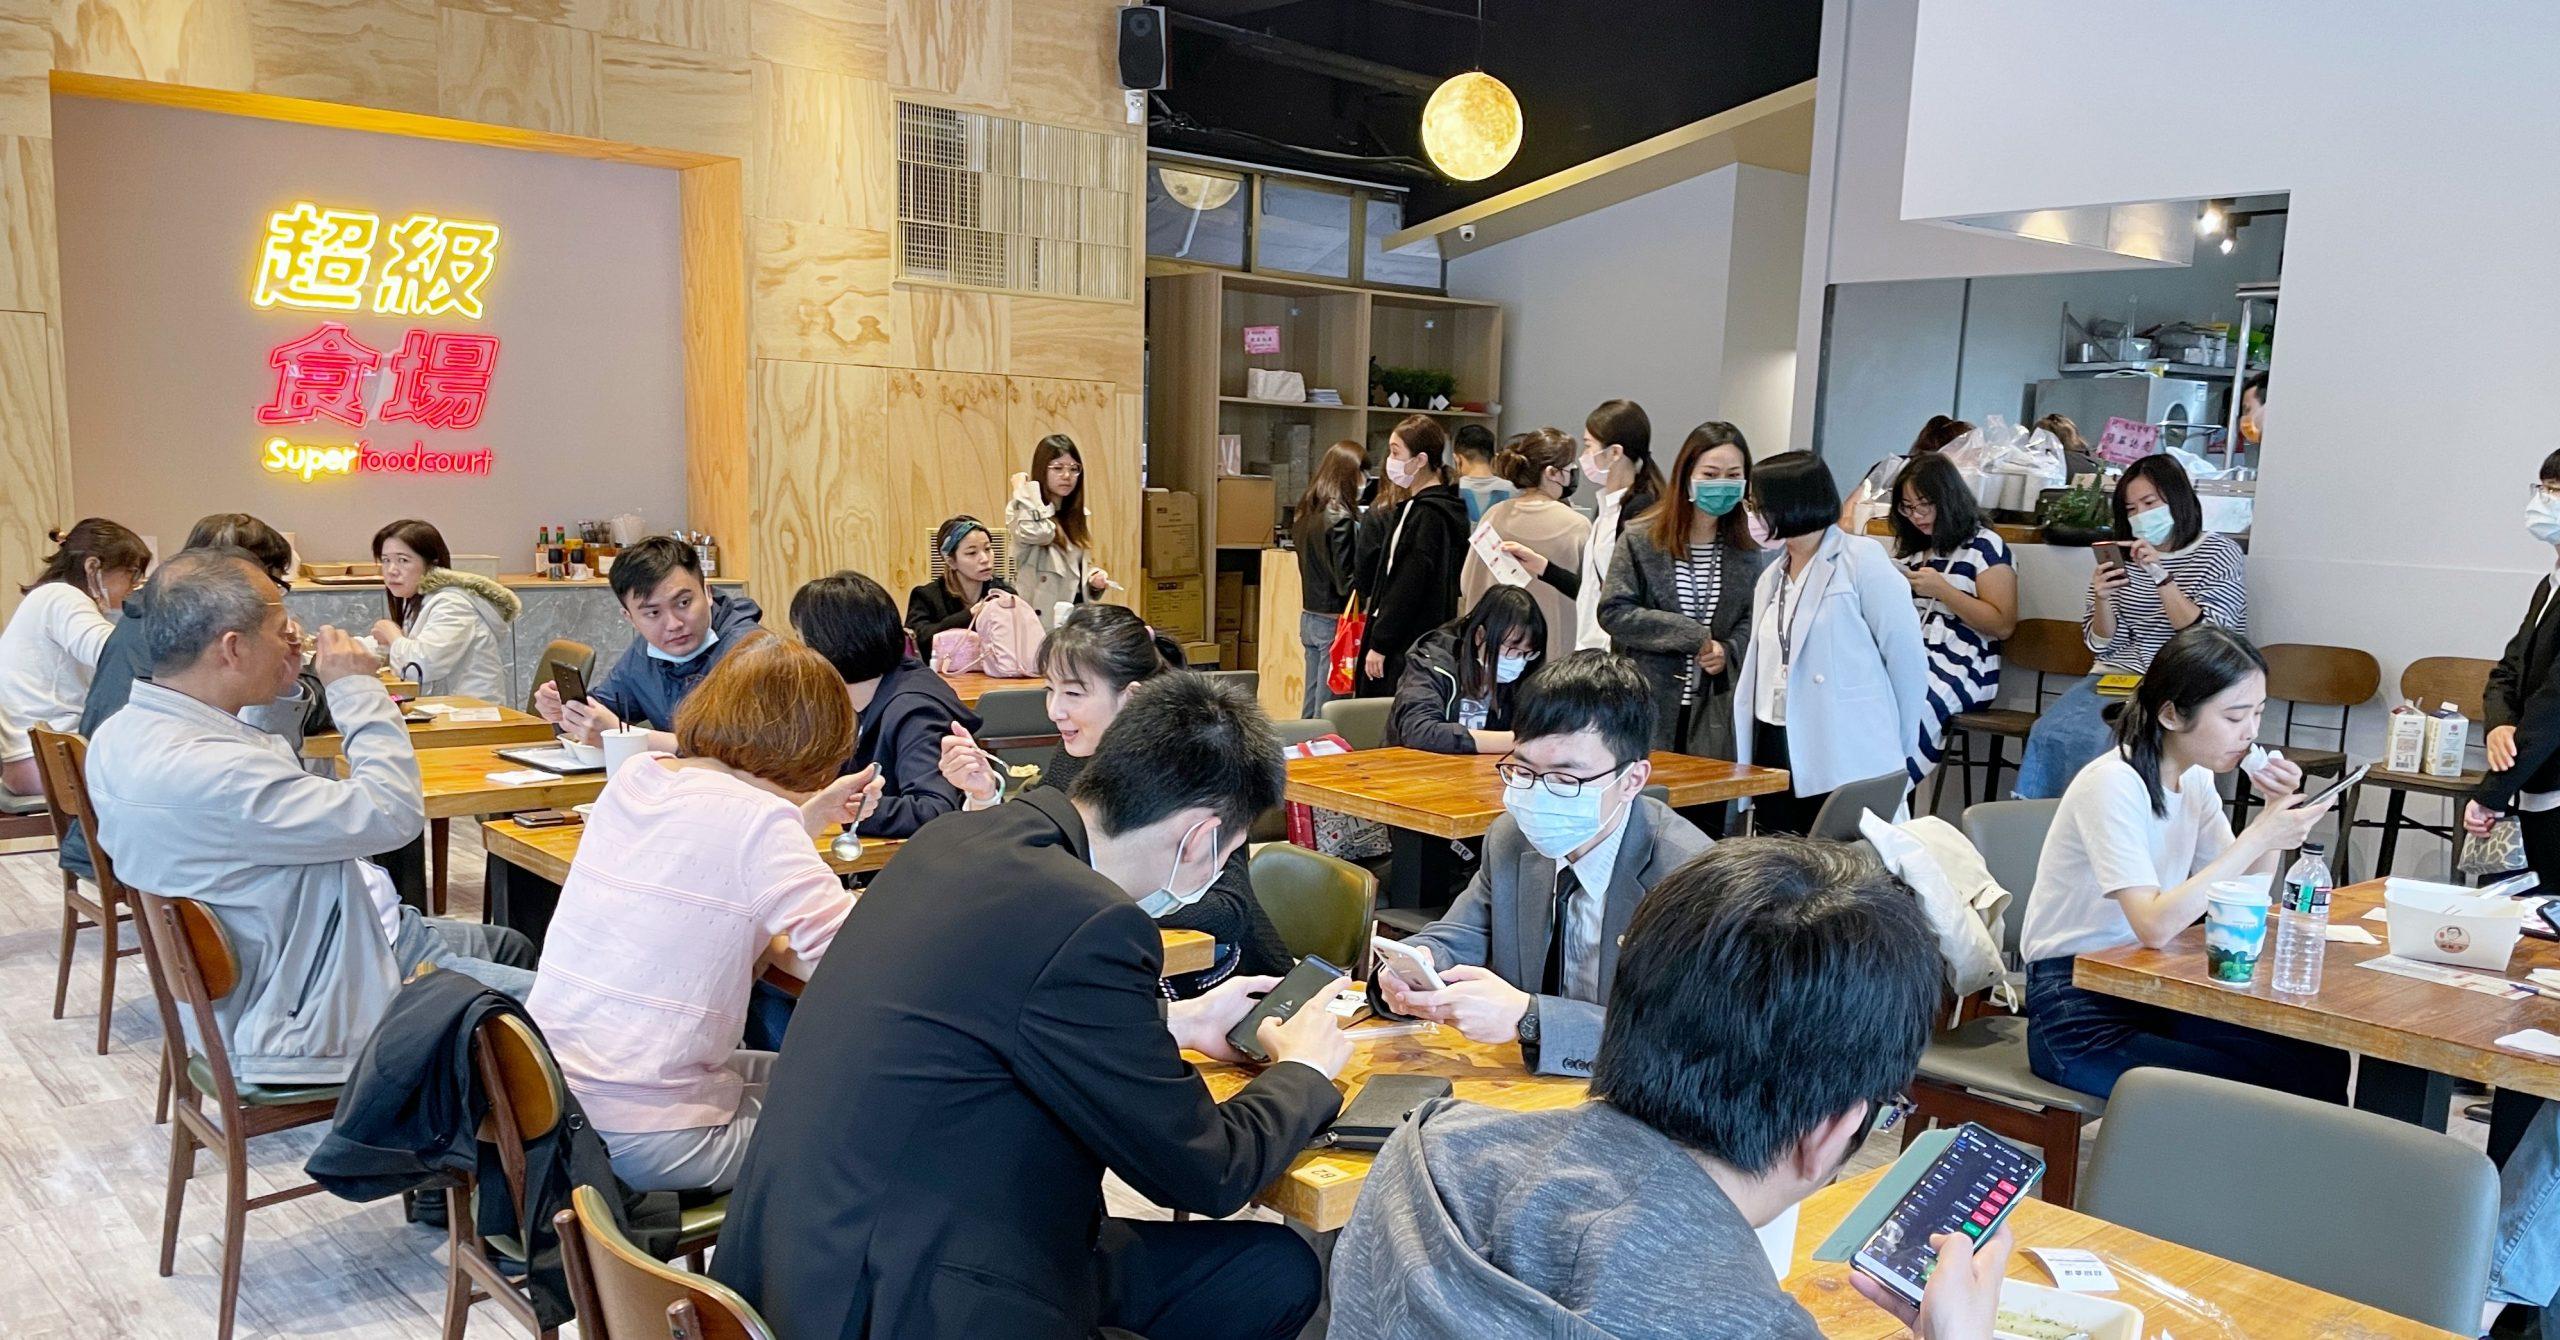 今日熱門文章:【南京復興美食】超級食場-吃義燉飯/布咕咖哩/鹹酥李/甘淋良茶